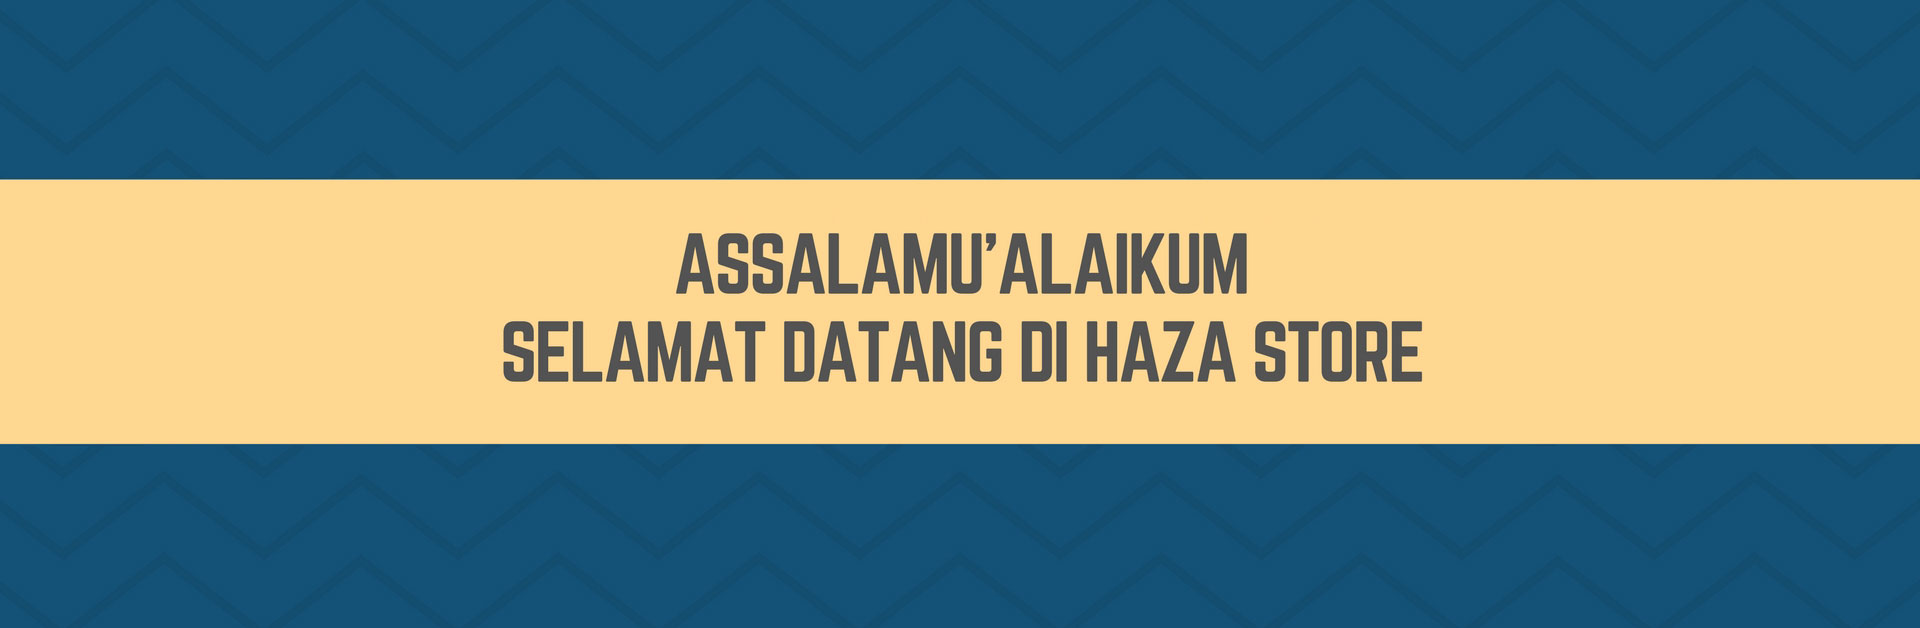 Jual Kaos Anak Muslim & Jilbab Anak | Agen Afrakids, Distributor Bilhikma & ArasyiKids | Dibuka Peluang Reseller - HaZa Store